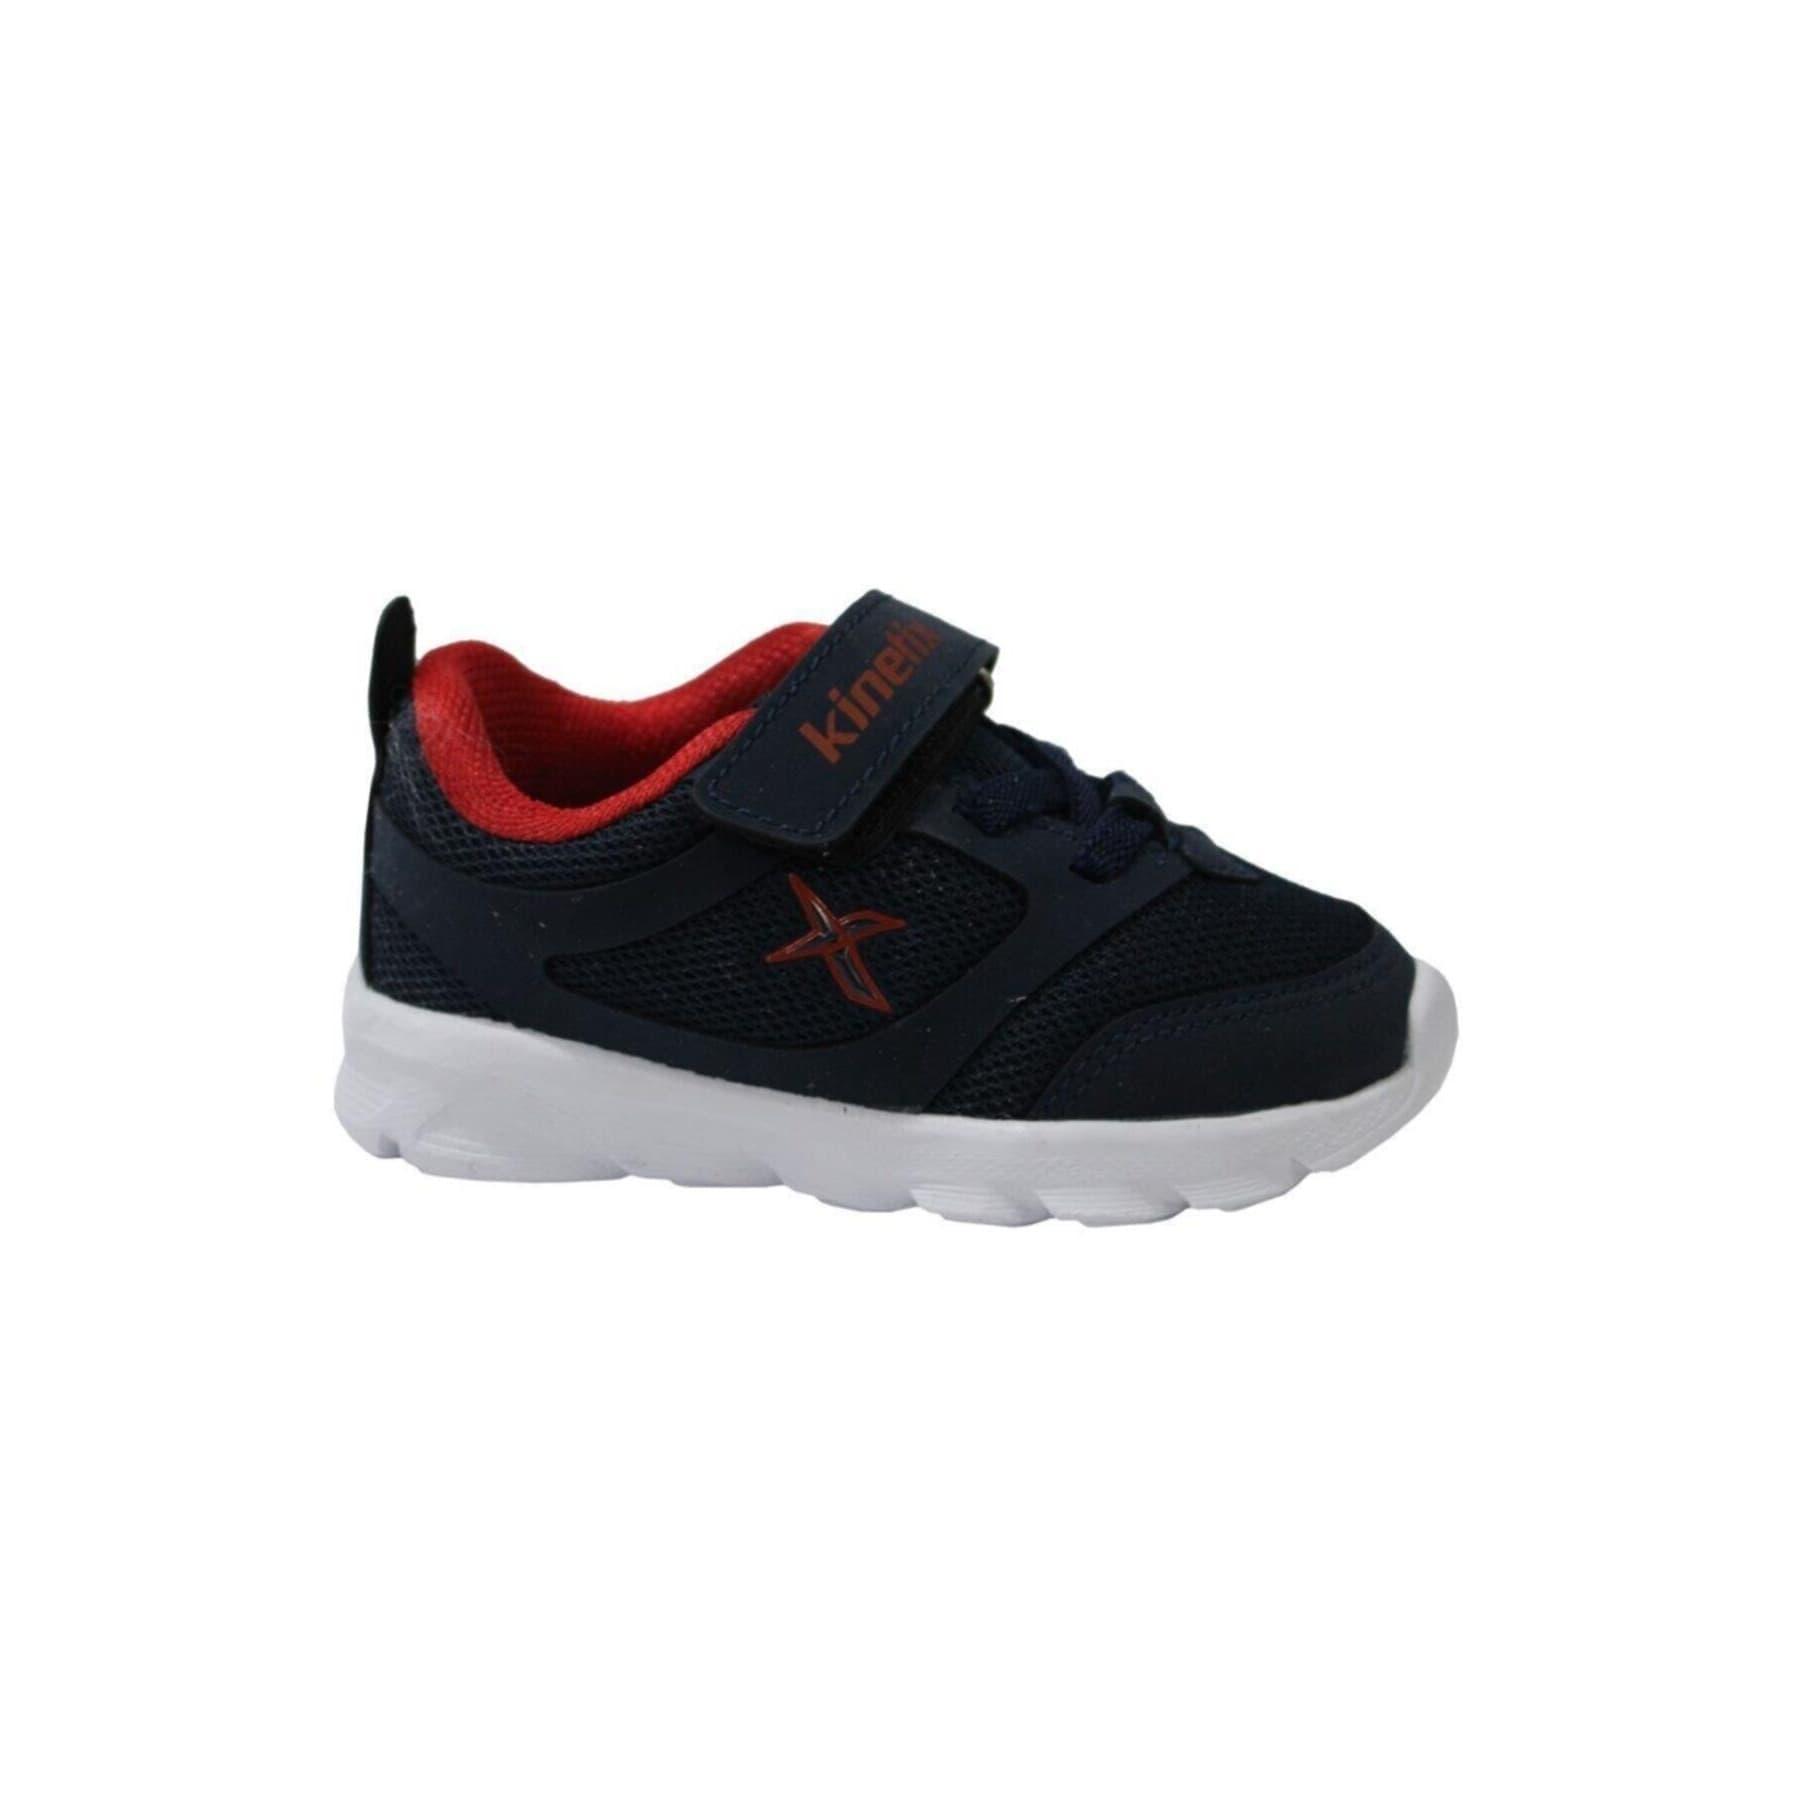 Almera J Lacivert Erkek Çocuk Koşu Ayakkabısı